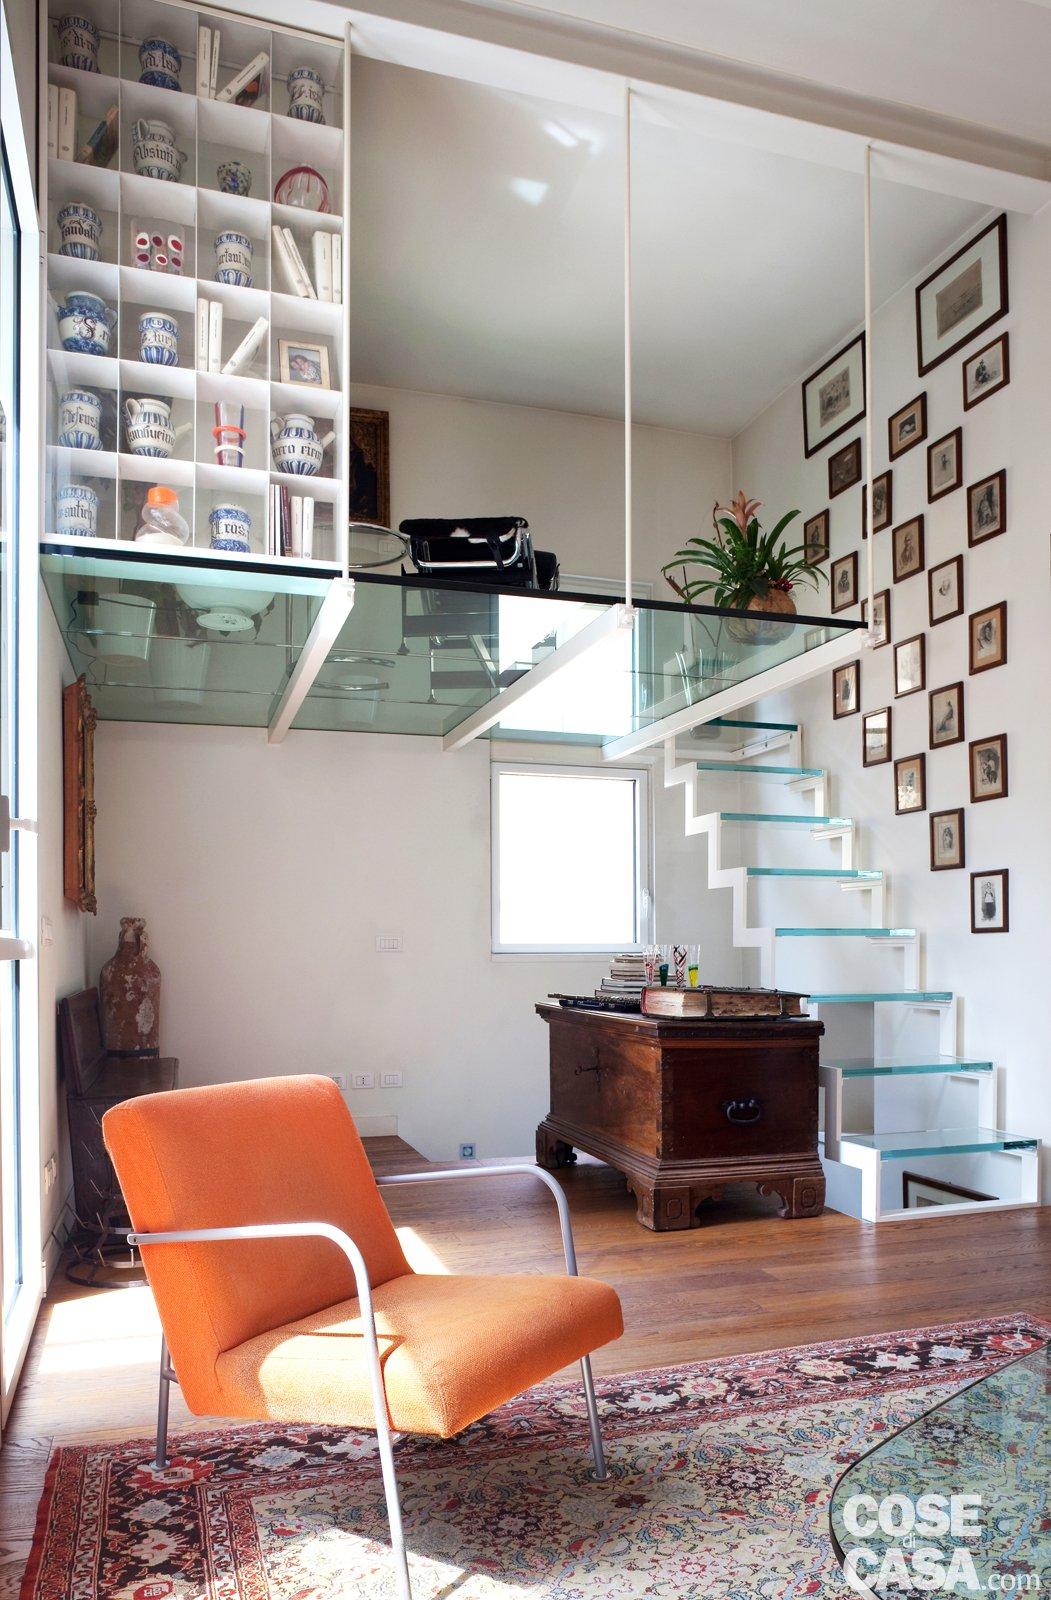 Casabook Immobiliare: 70 mq: casa con veranda